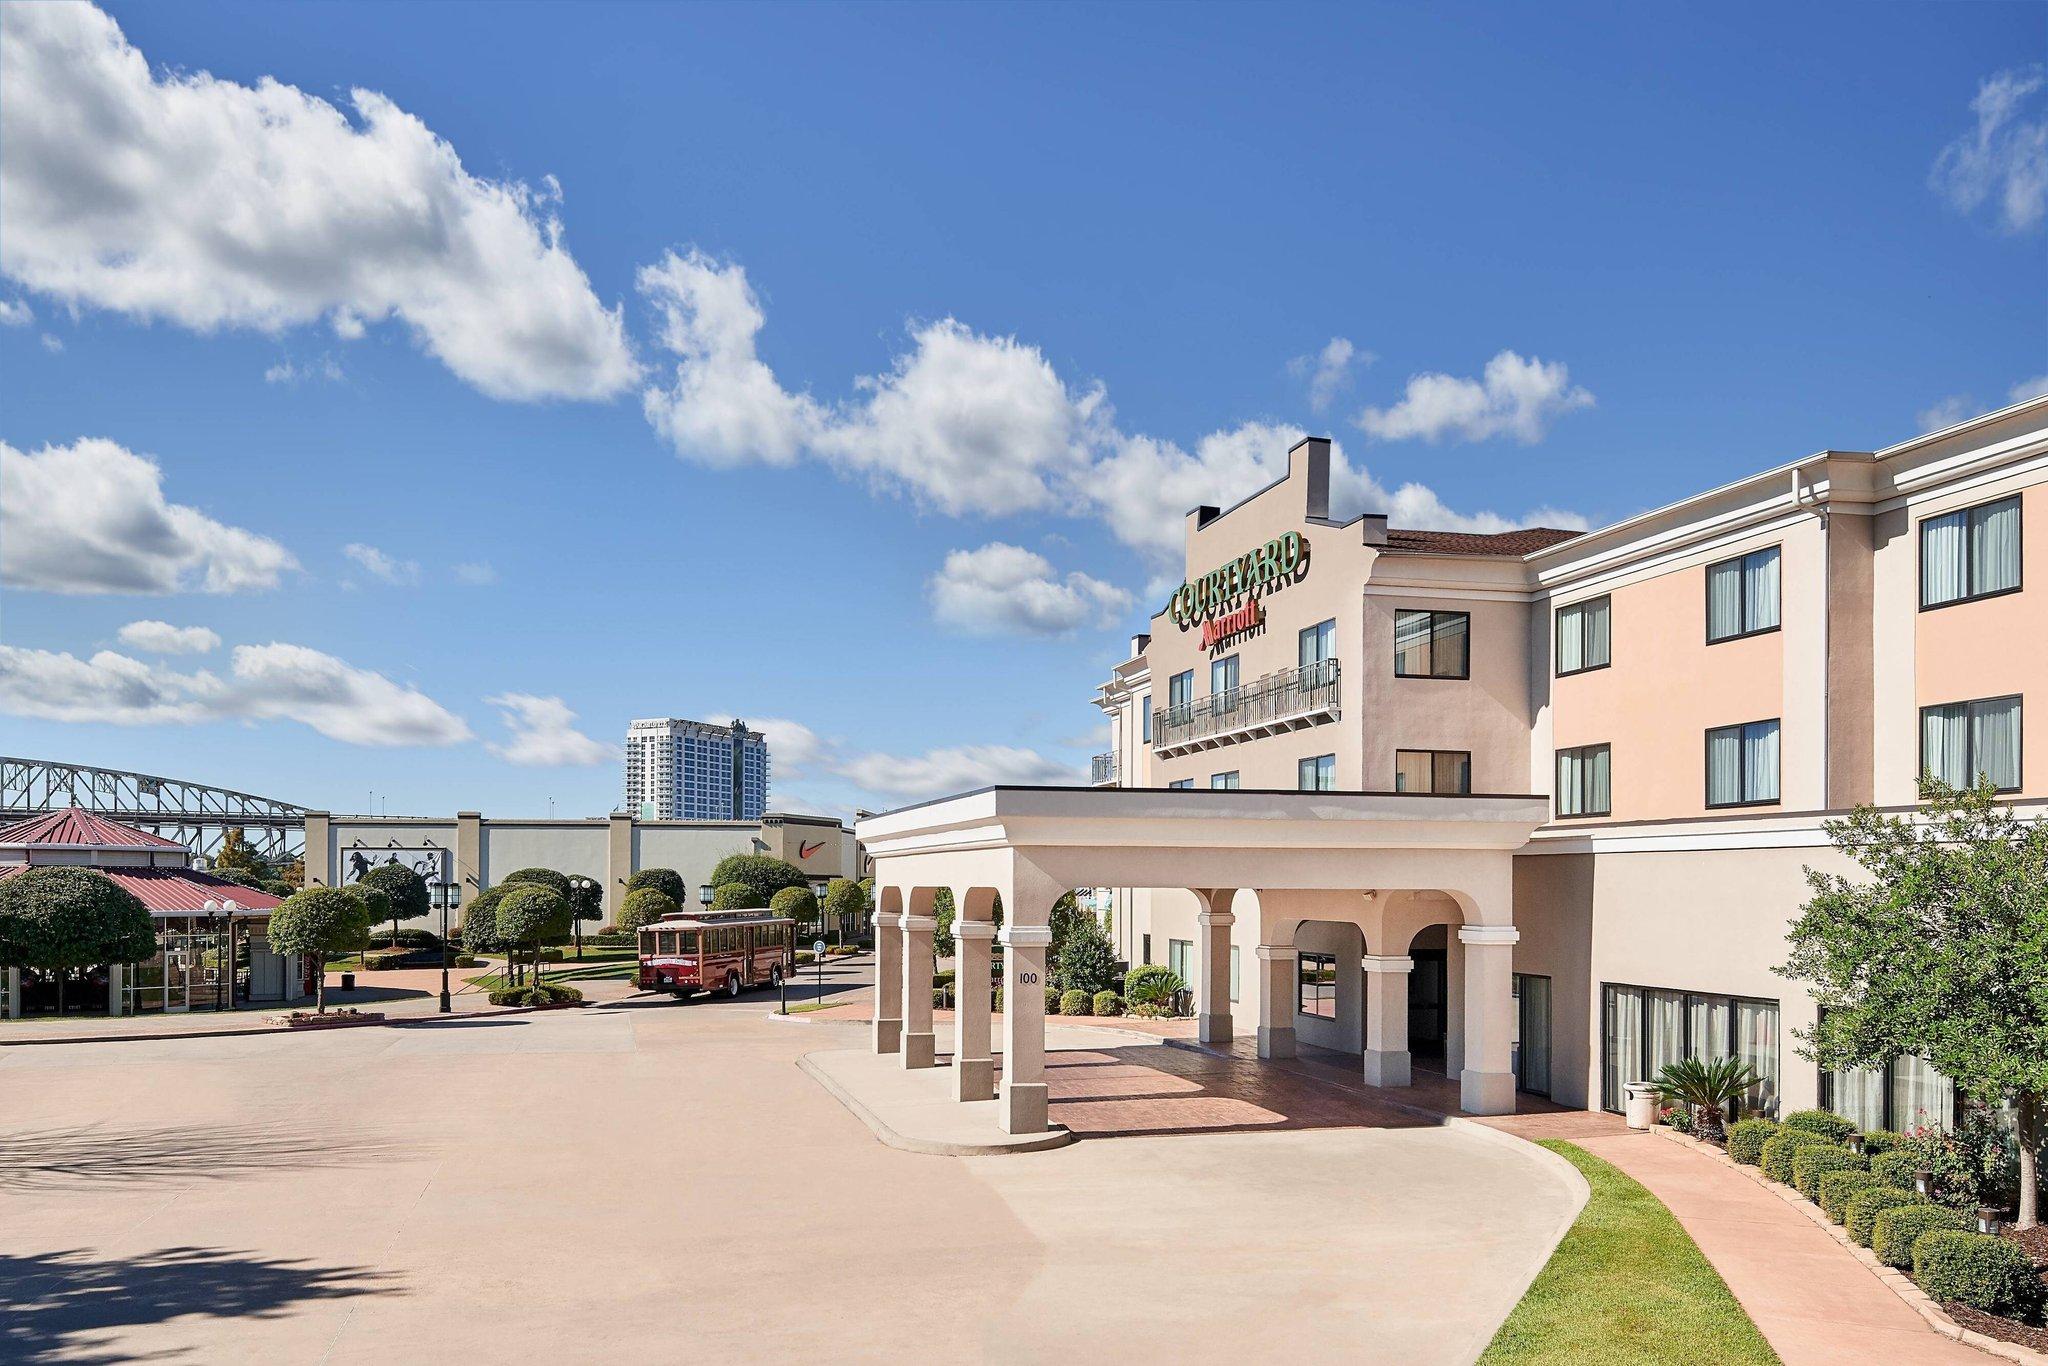 Courtyard by Marriott Shreveport-Bossier City Louisiana Boardwalk